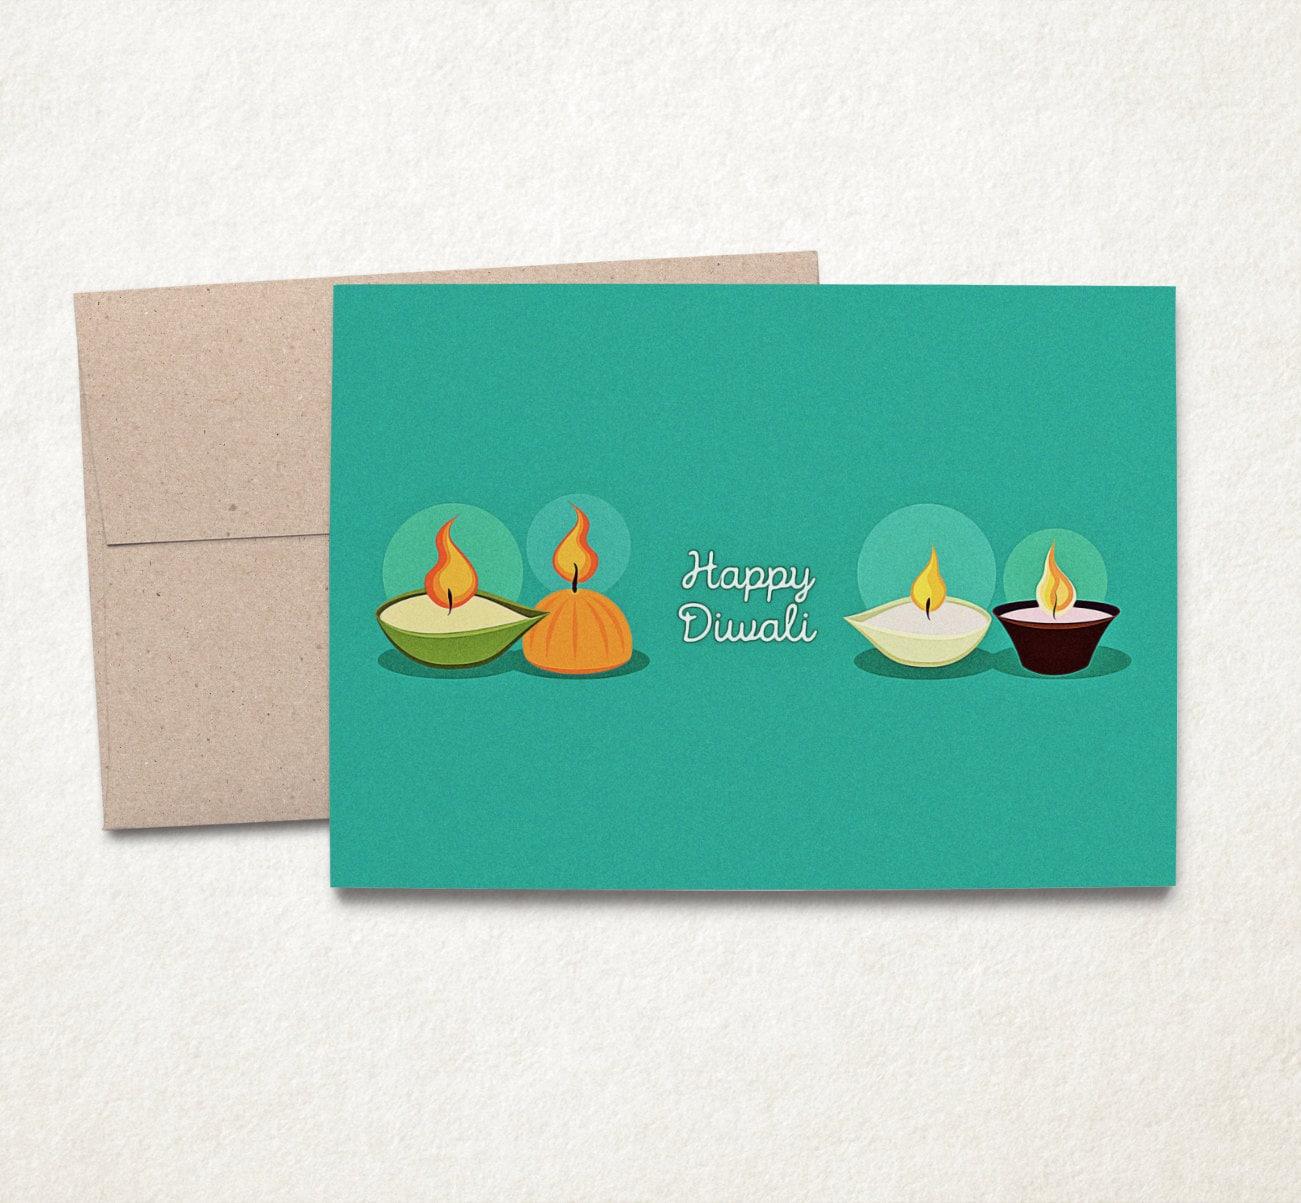 Happy Diwali Diwali Cards Diwali Greeting Card Happy Diwali Etsy